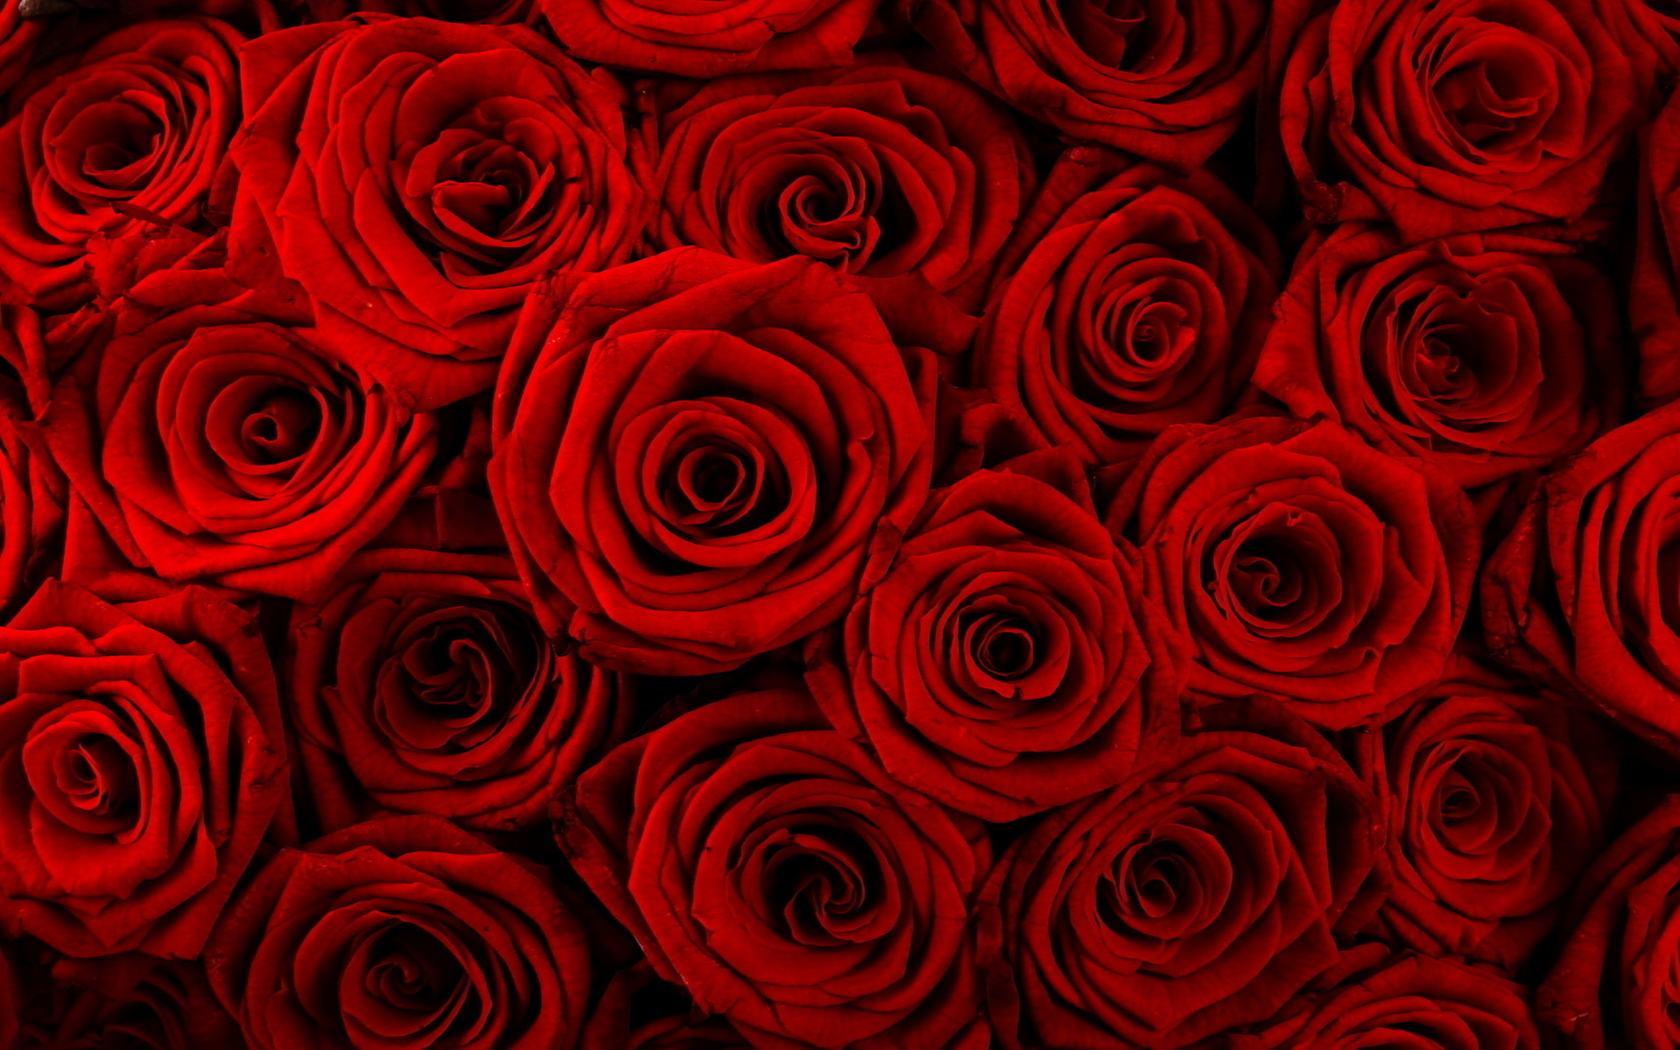 Red Rose Desktop Wallpaper Sf Wallpaper